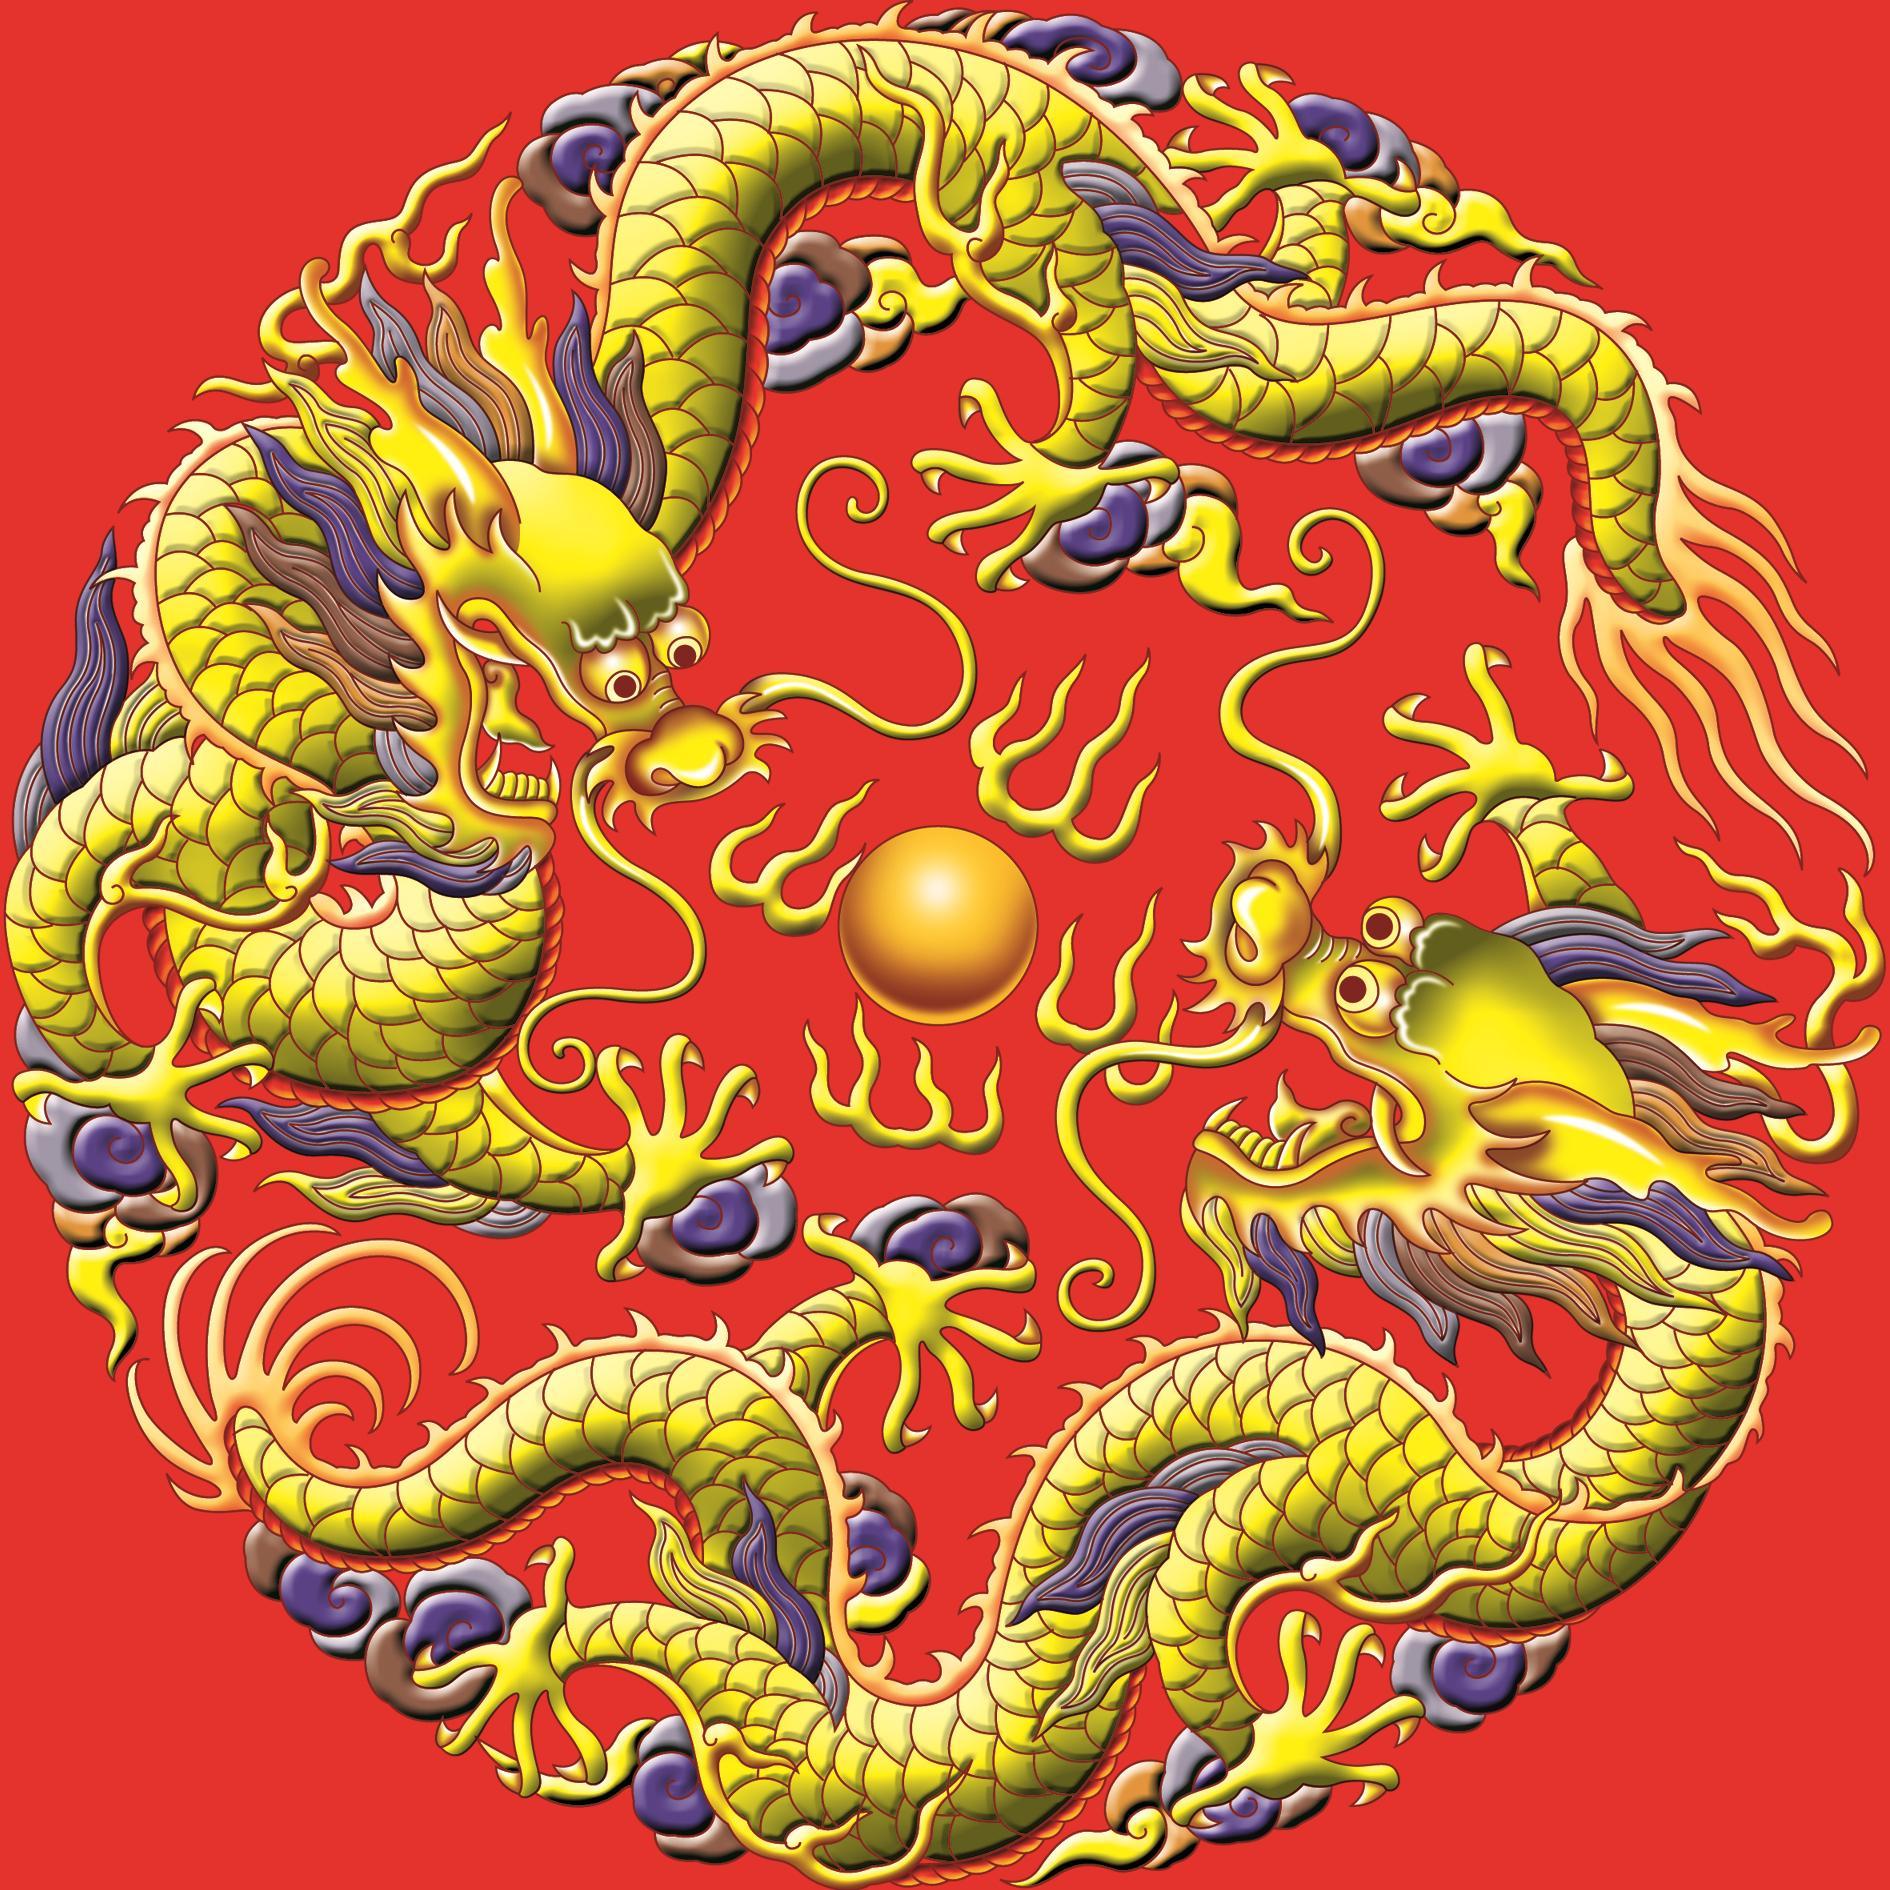 Китайский дракон тяньлун картинки